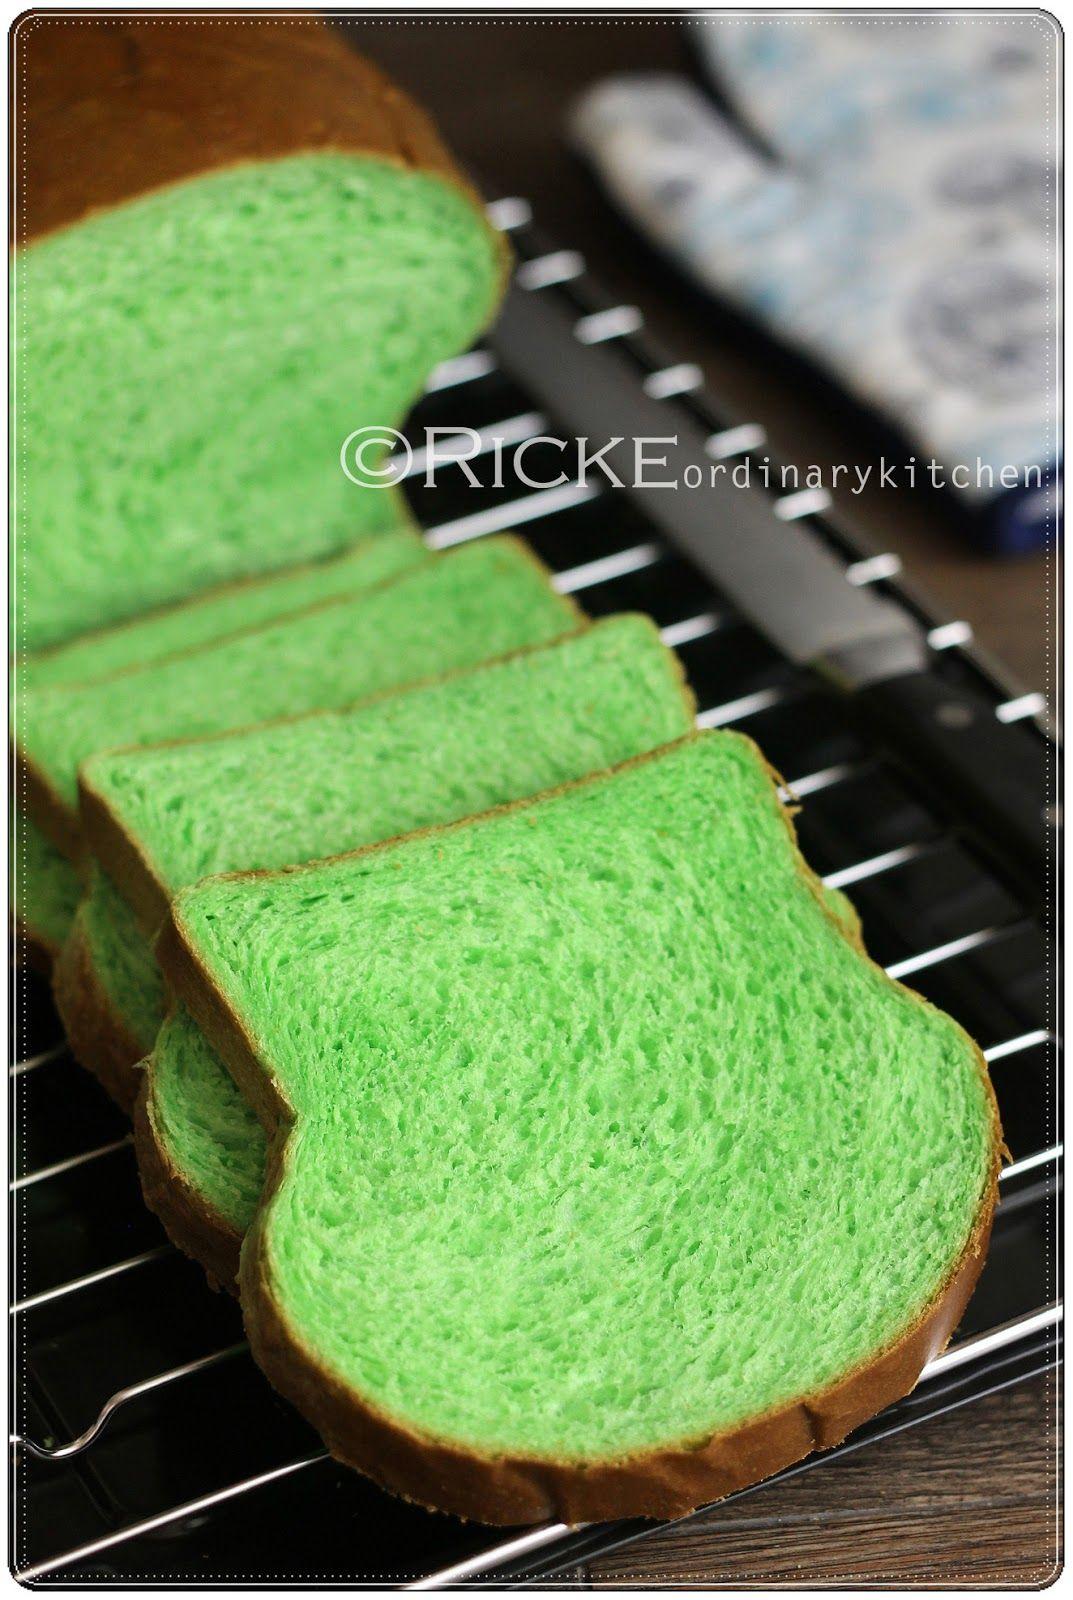 Just My Ordinary Kitchen Roti Tawar Pandan Loaf Bread Gandum 400 Gr